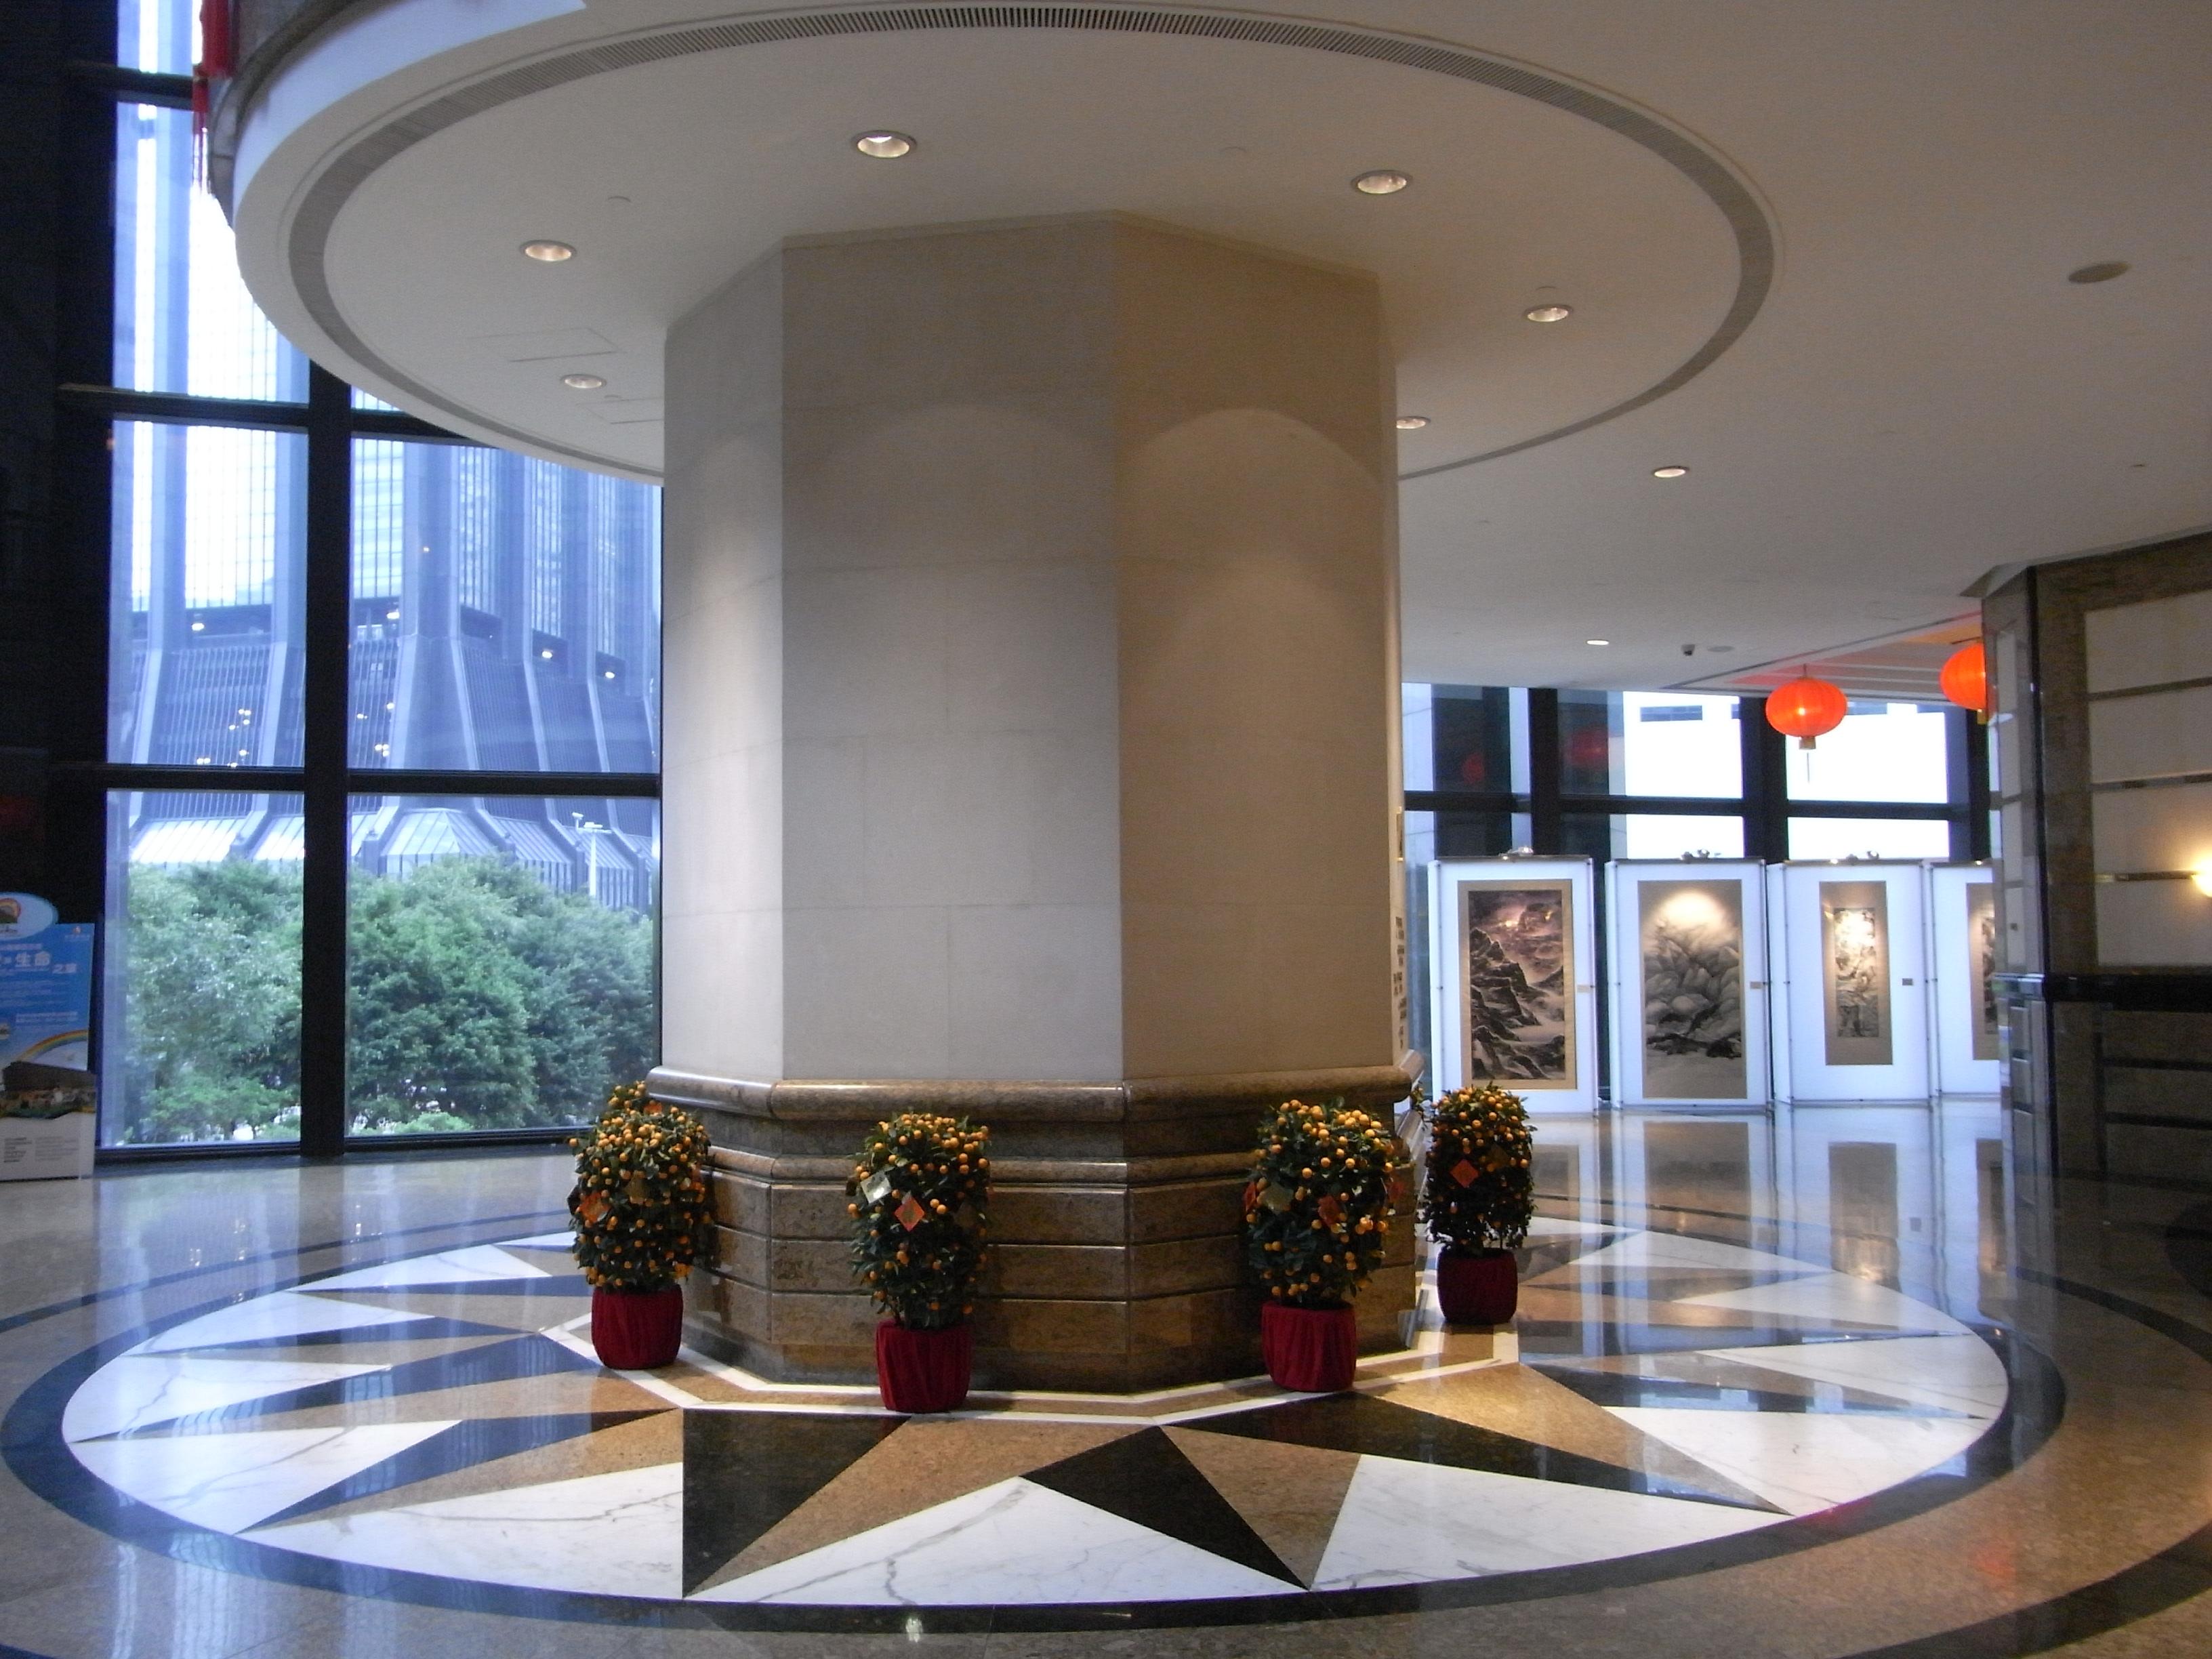 The Central Column